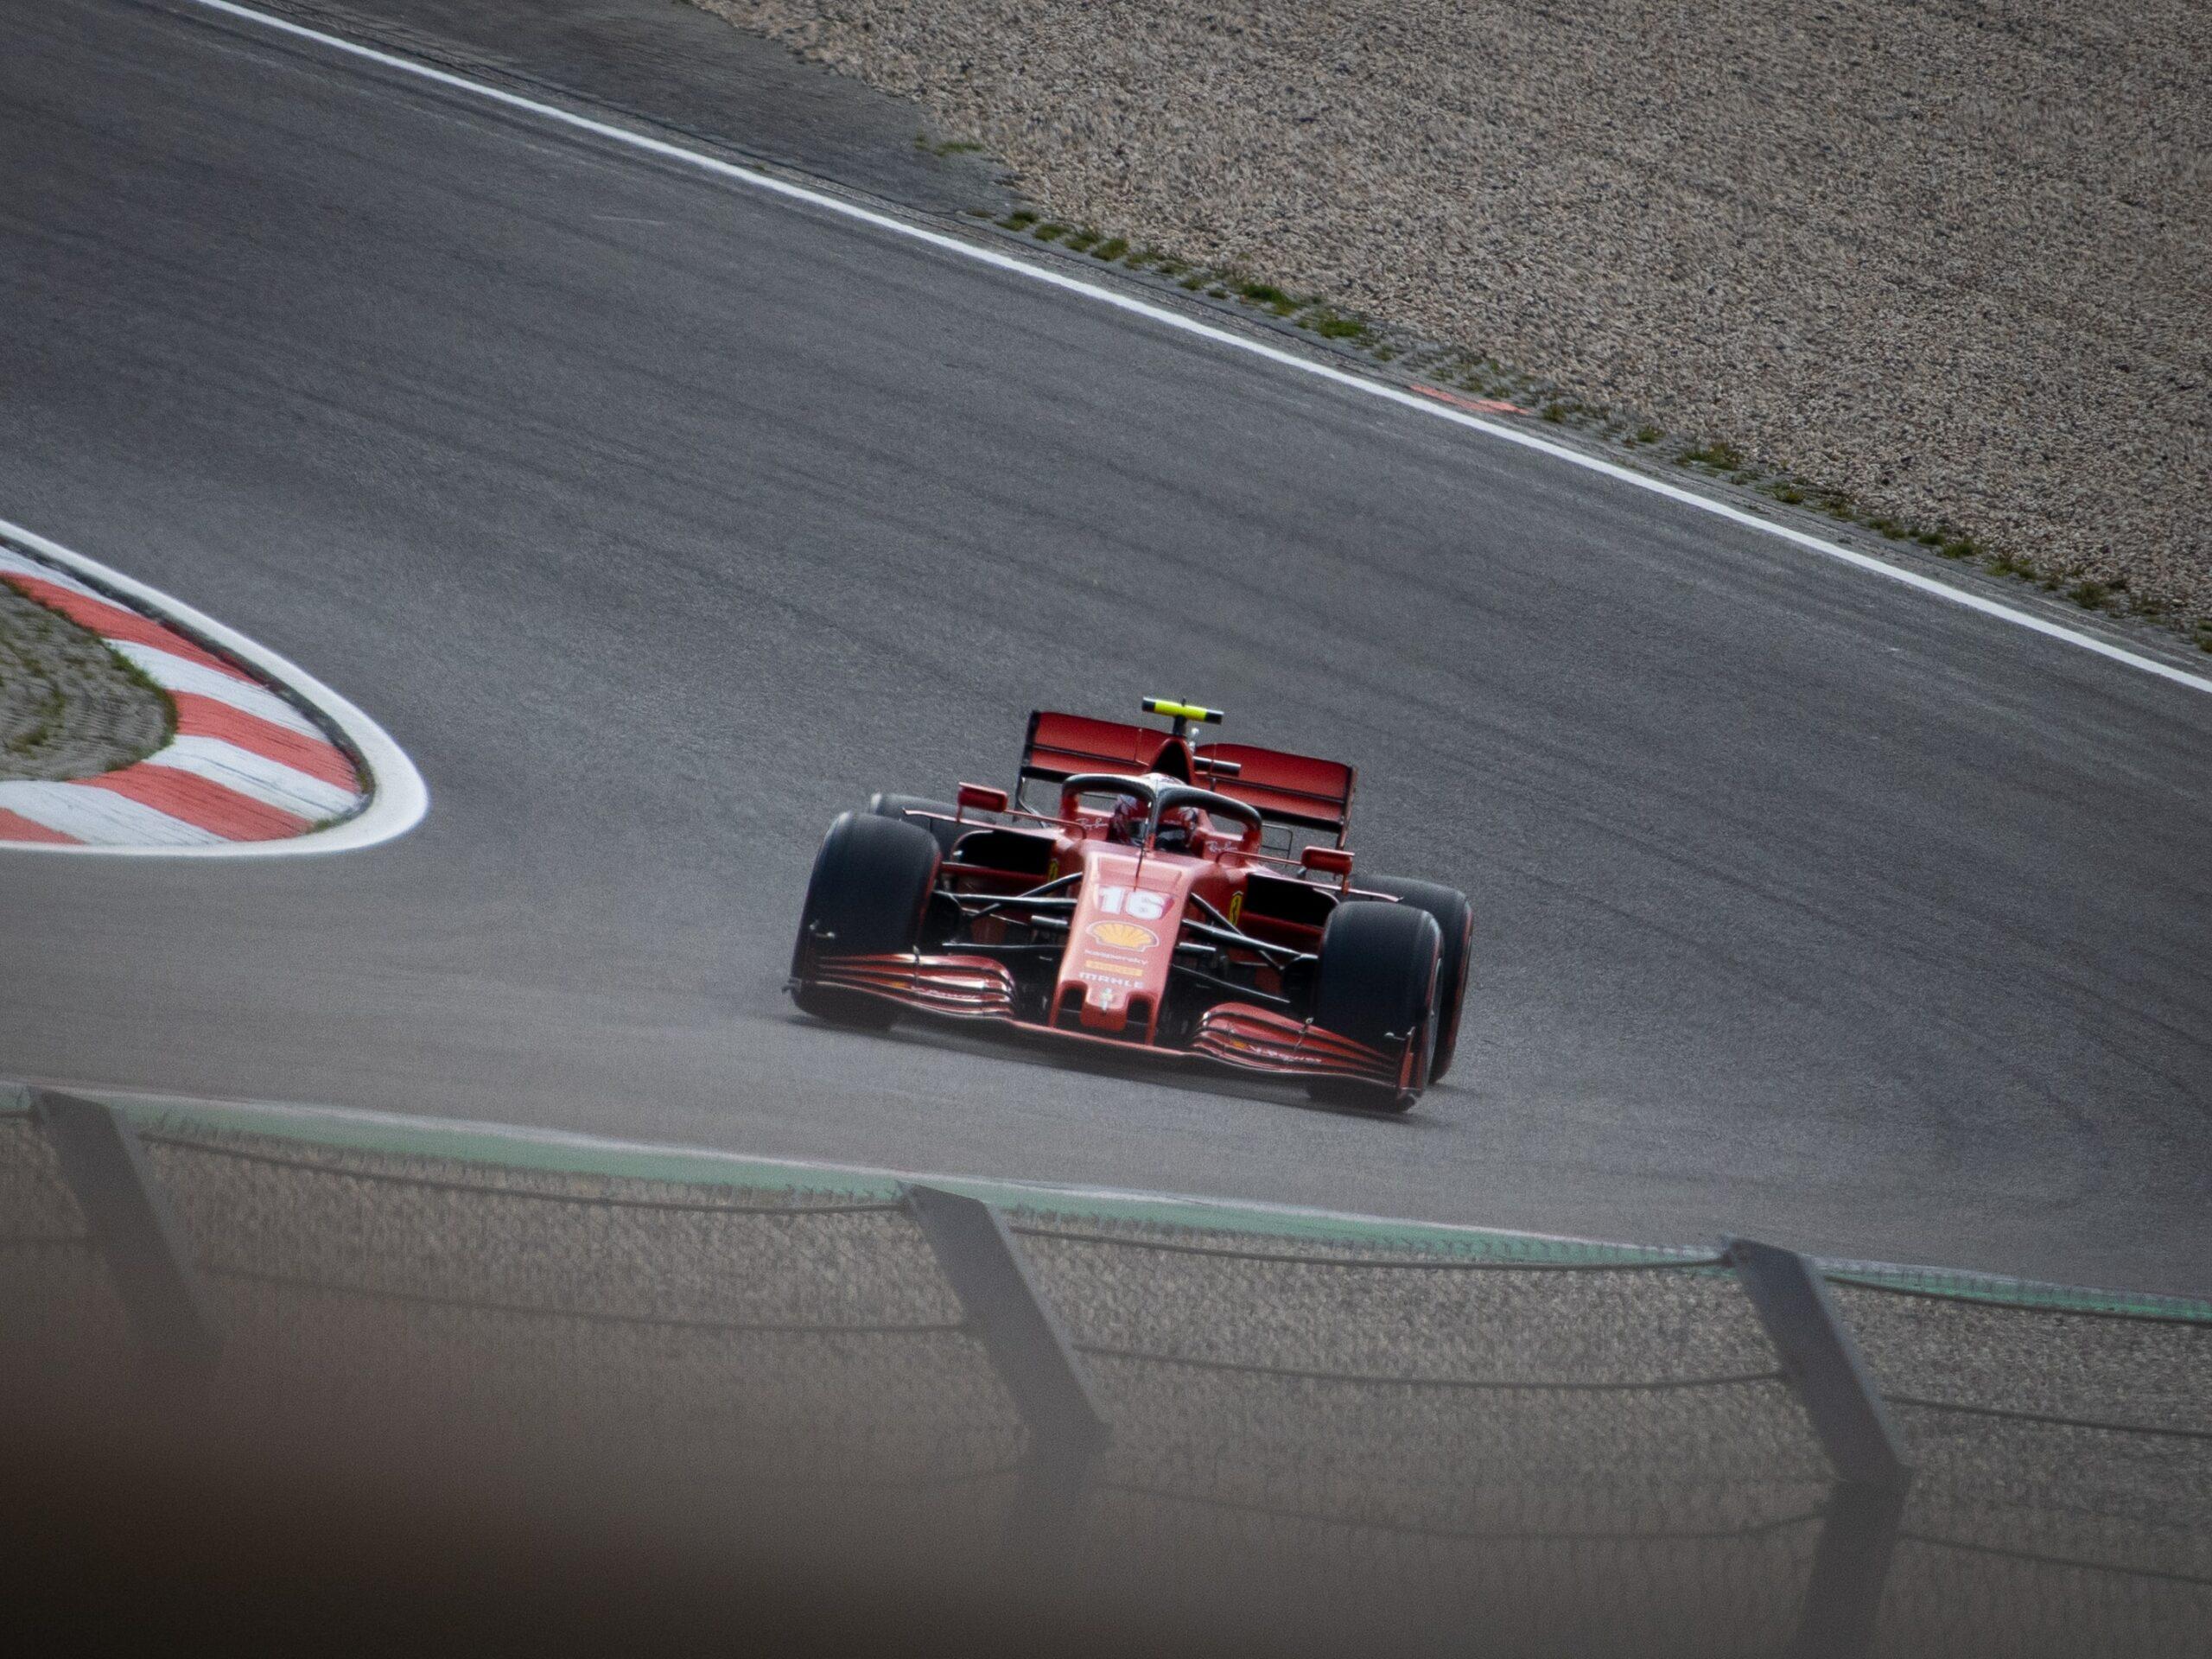 Formule 1 GP Italië – Vierdaagse vliegreis – Monza 2021